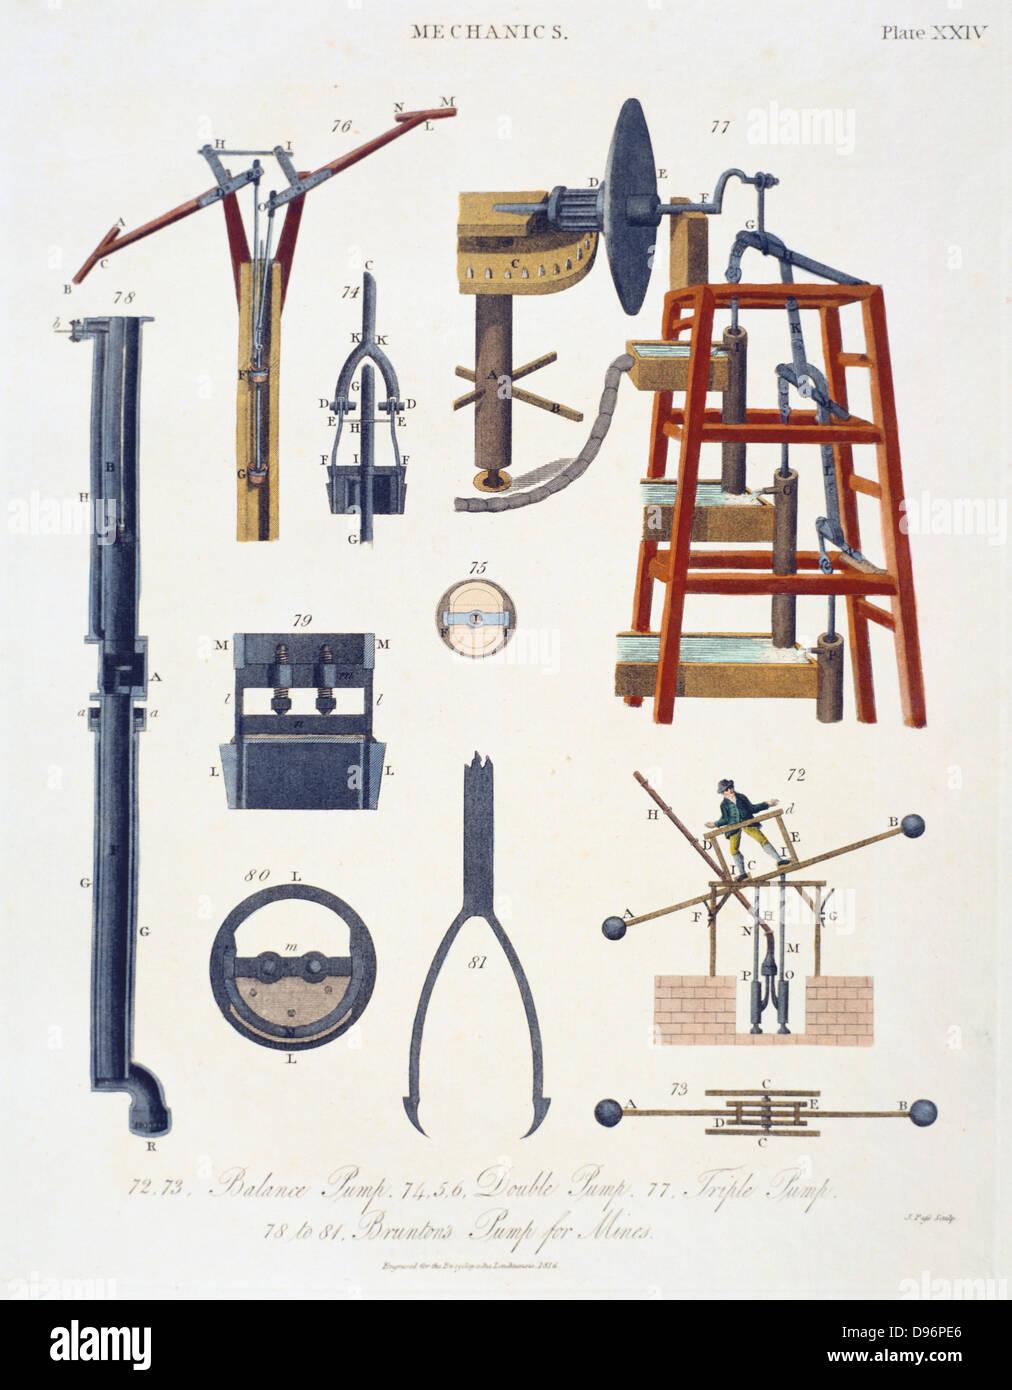 Verschiedene Pumpen für Heben von Wasser. Dreifach-Pumpe, oben rechts. Waage Mann-angetriebene Pumpe (unten). Stockbild